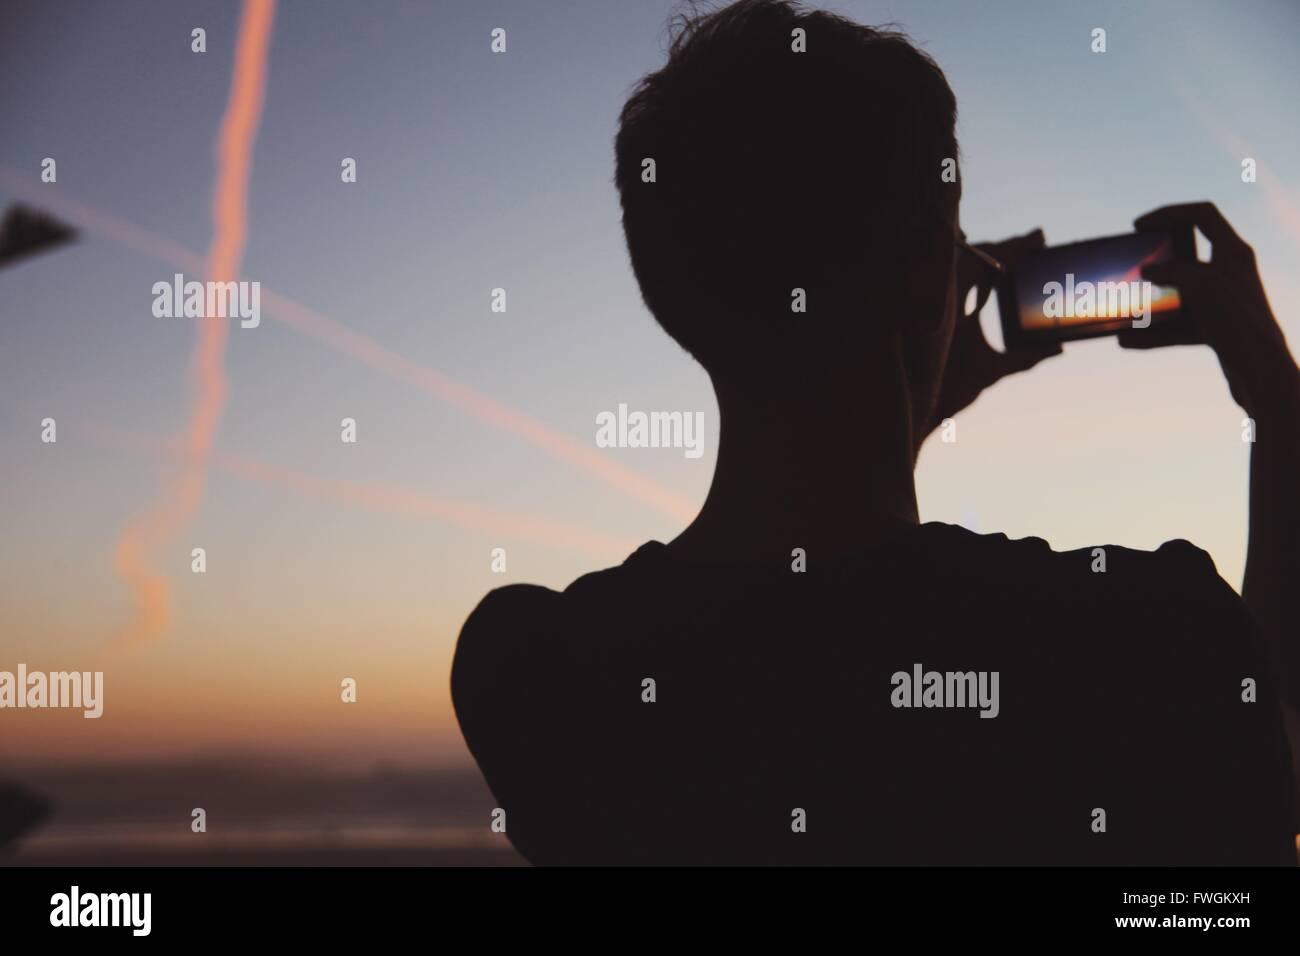 Rückansicht des Menschen fotografieren Natur in der Abenddämmerung Stockfoto